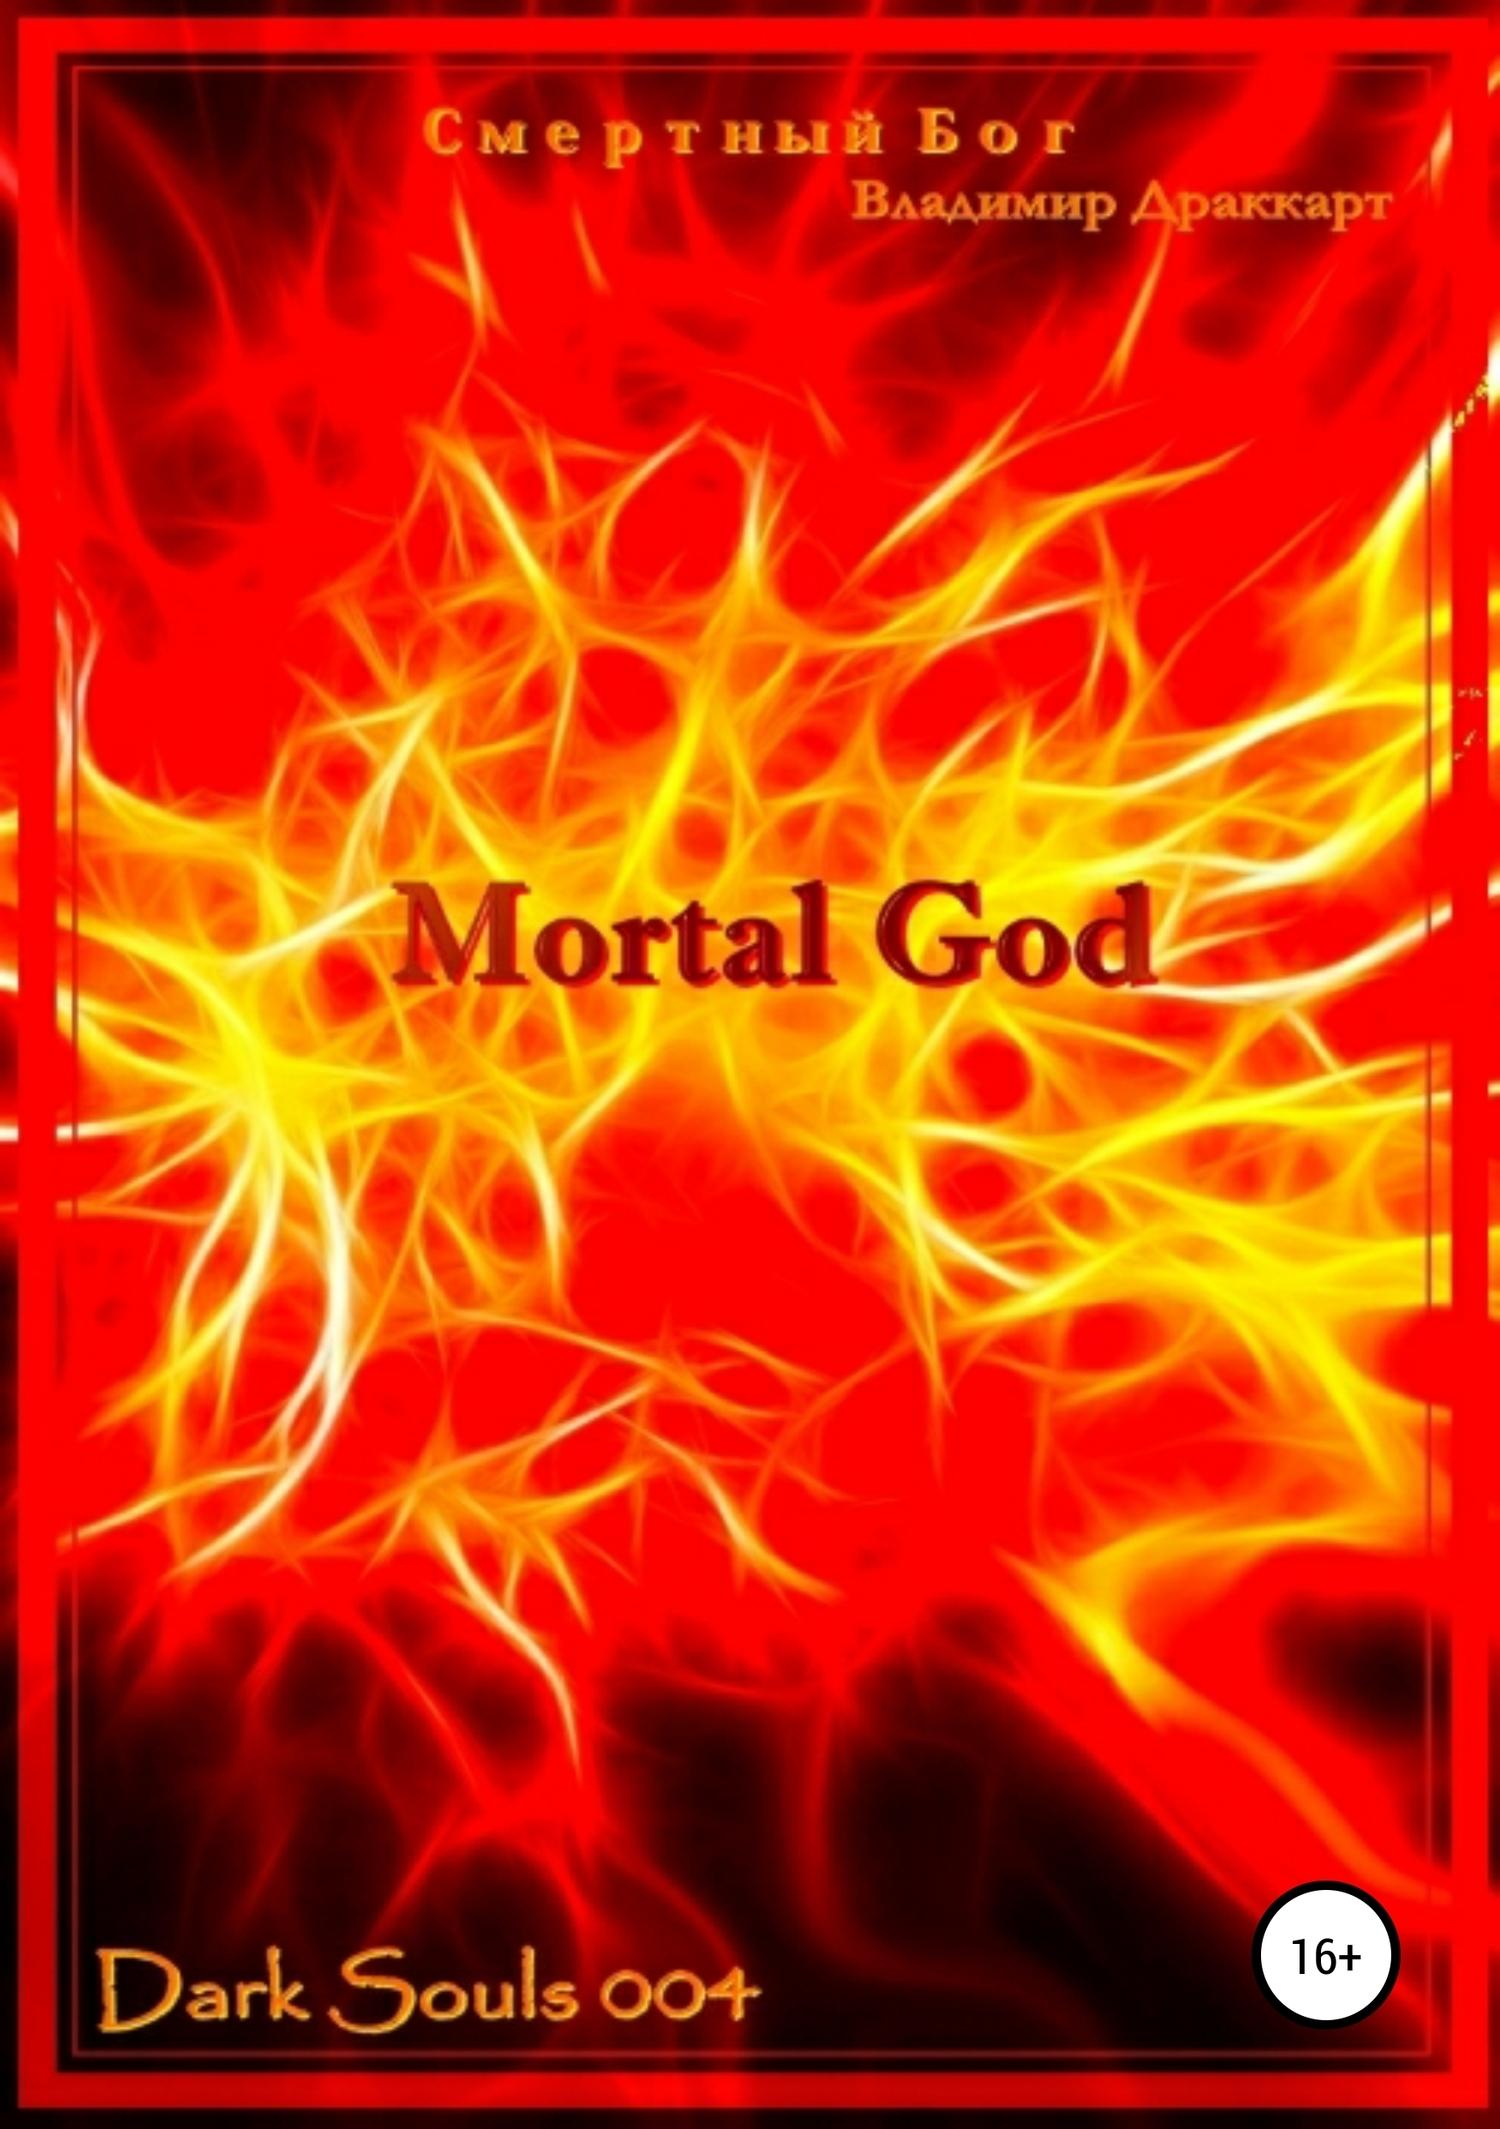 Владимир Драккарт - Смертный Бог